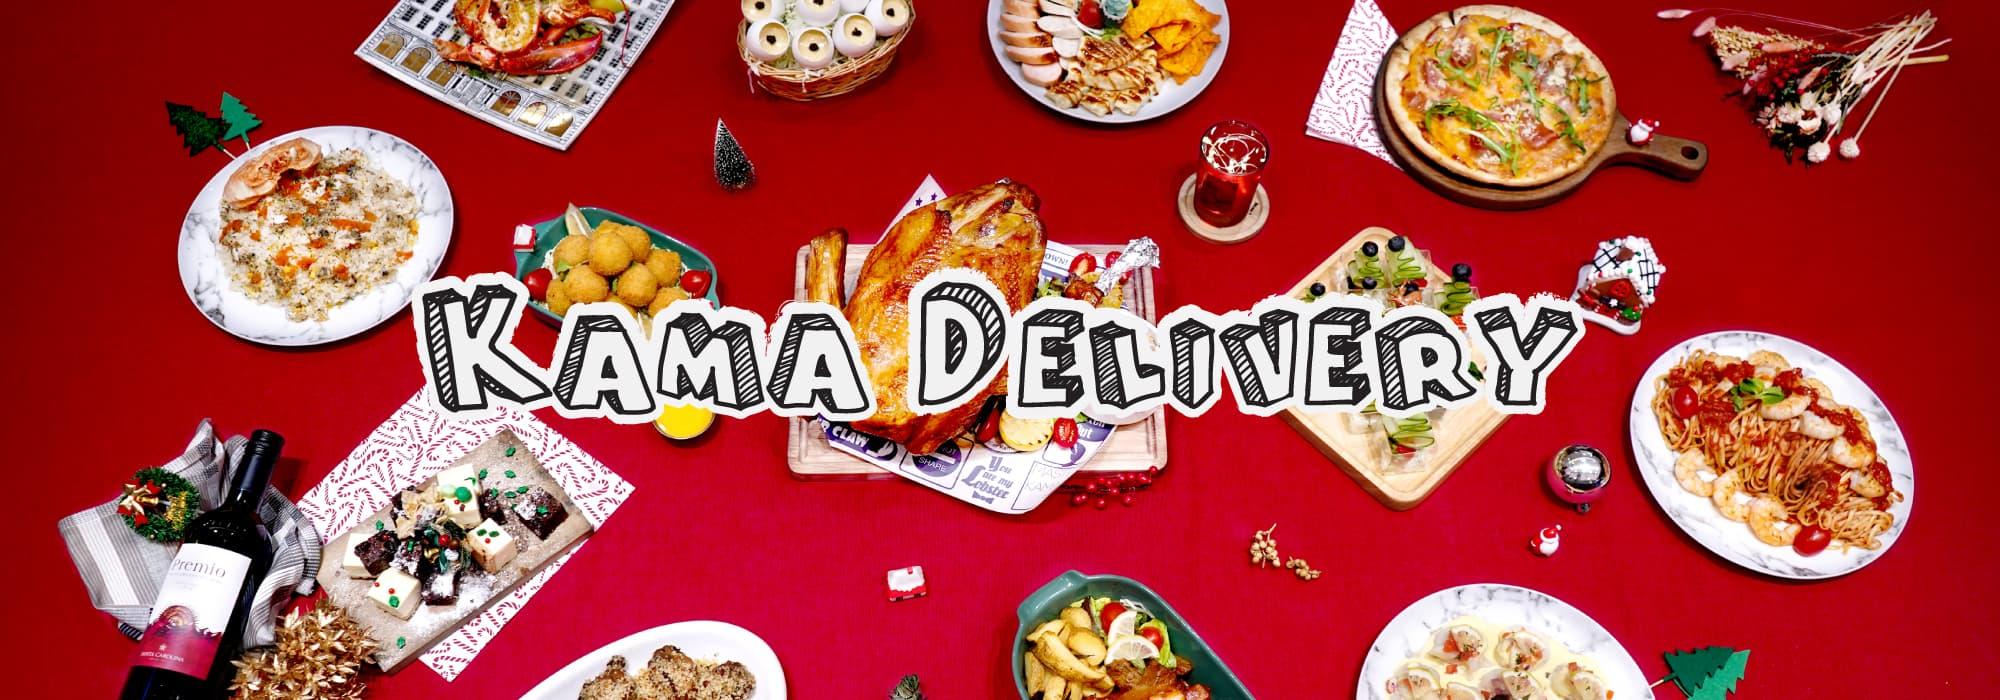 聖誕節到會外賣2020 【預訂教學篇】|美食到會外賣餐飲服務|Kama Delivery Service